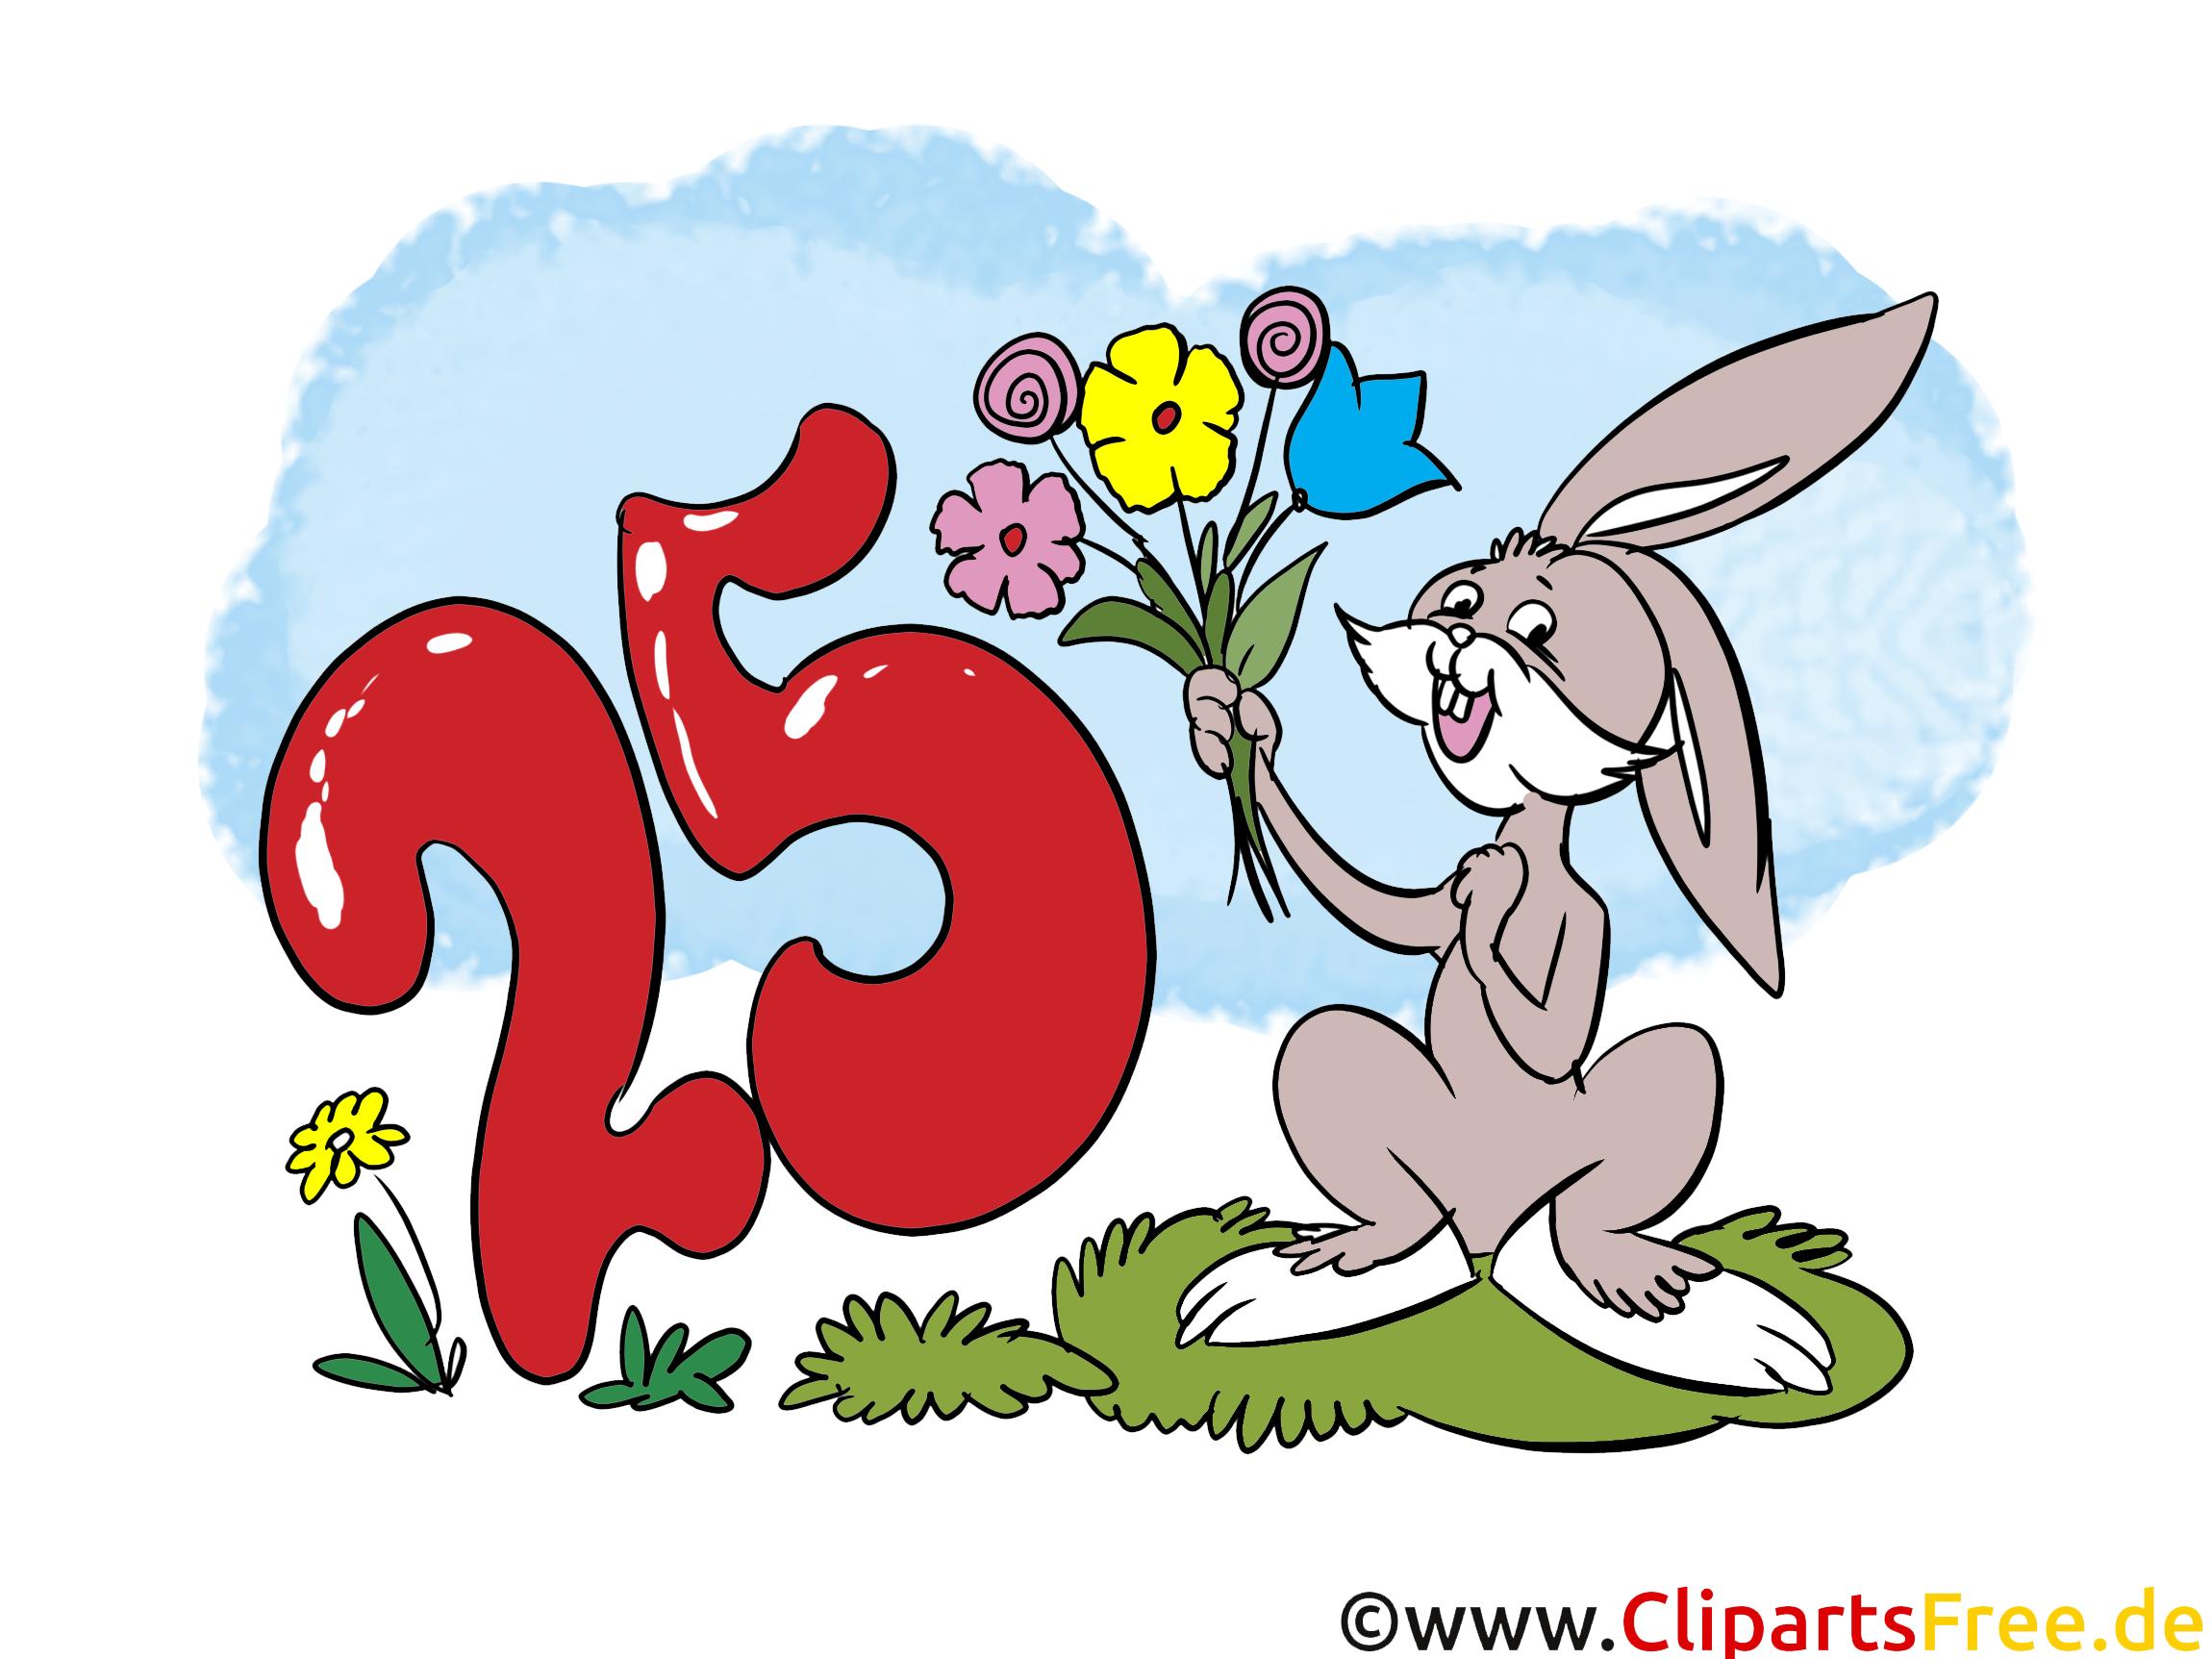 おかしい誕生日は25誕生日を希望 -  eカード、写真、アートワーク